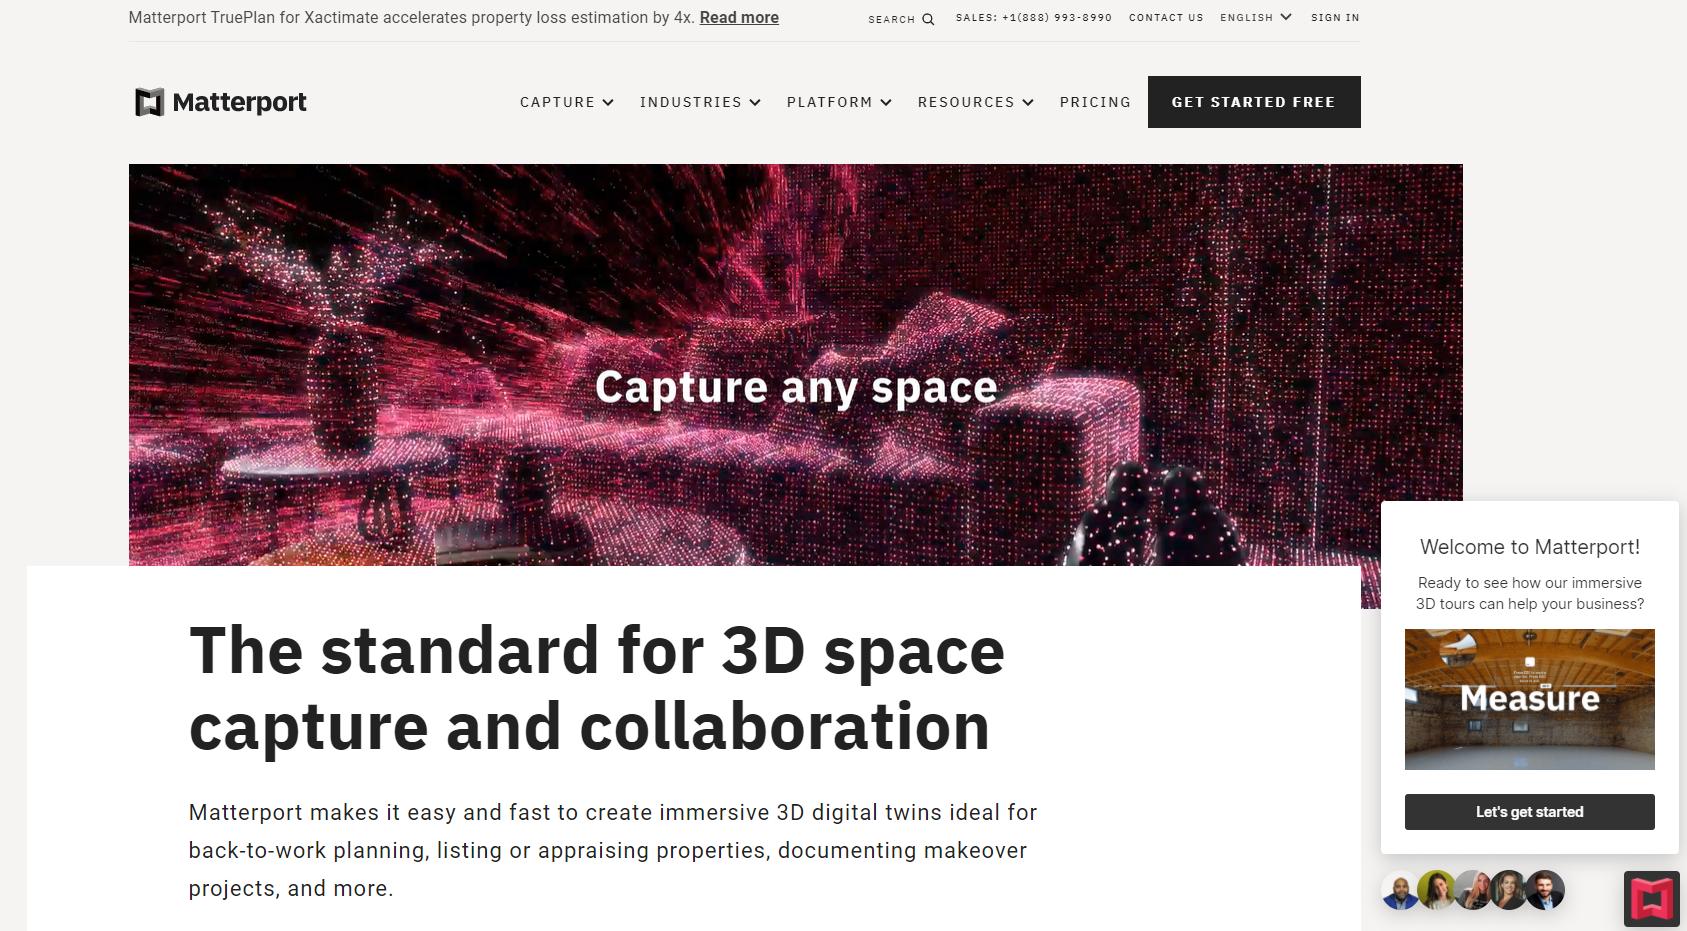 screenshot of Matterport's website